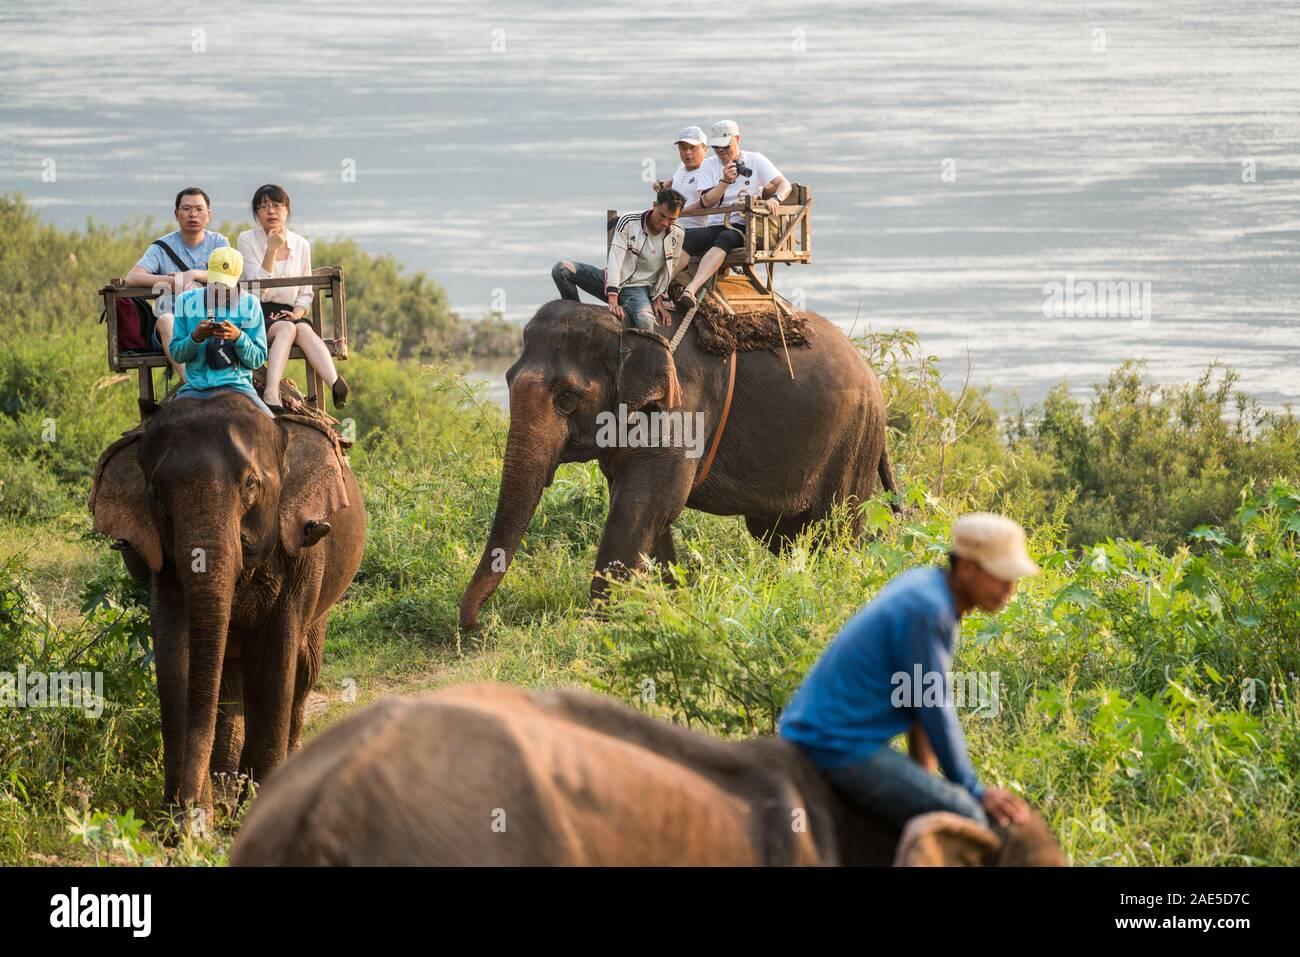 Tourists riding on elephants, Luang Prabang Elephants Camp, Luang Prabang, Laos, Asia. Stock Photo